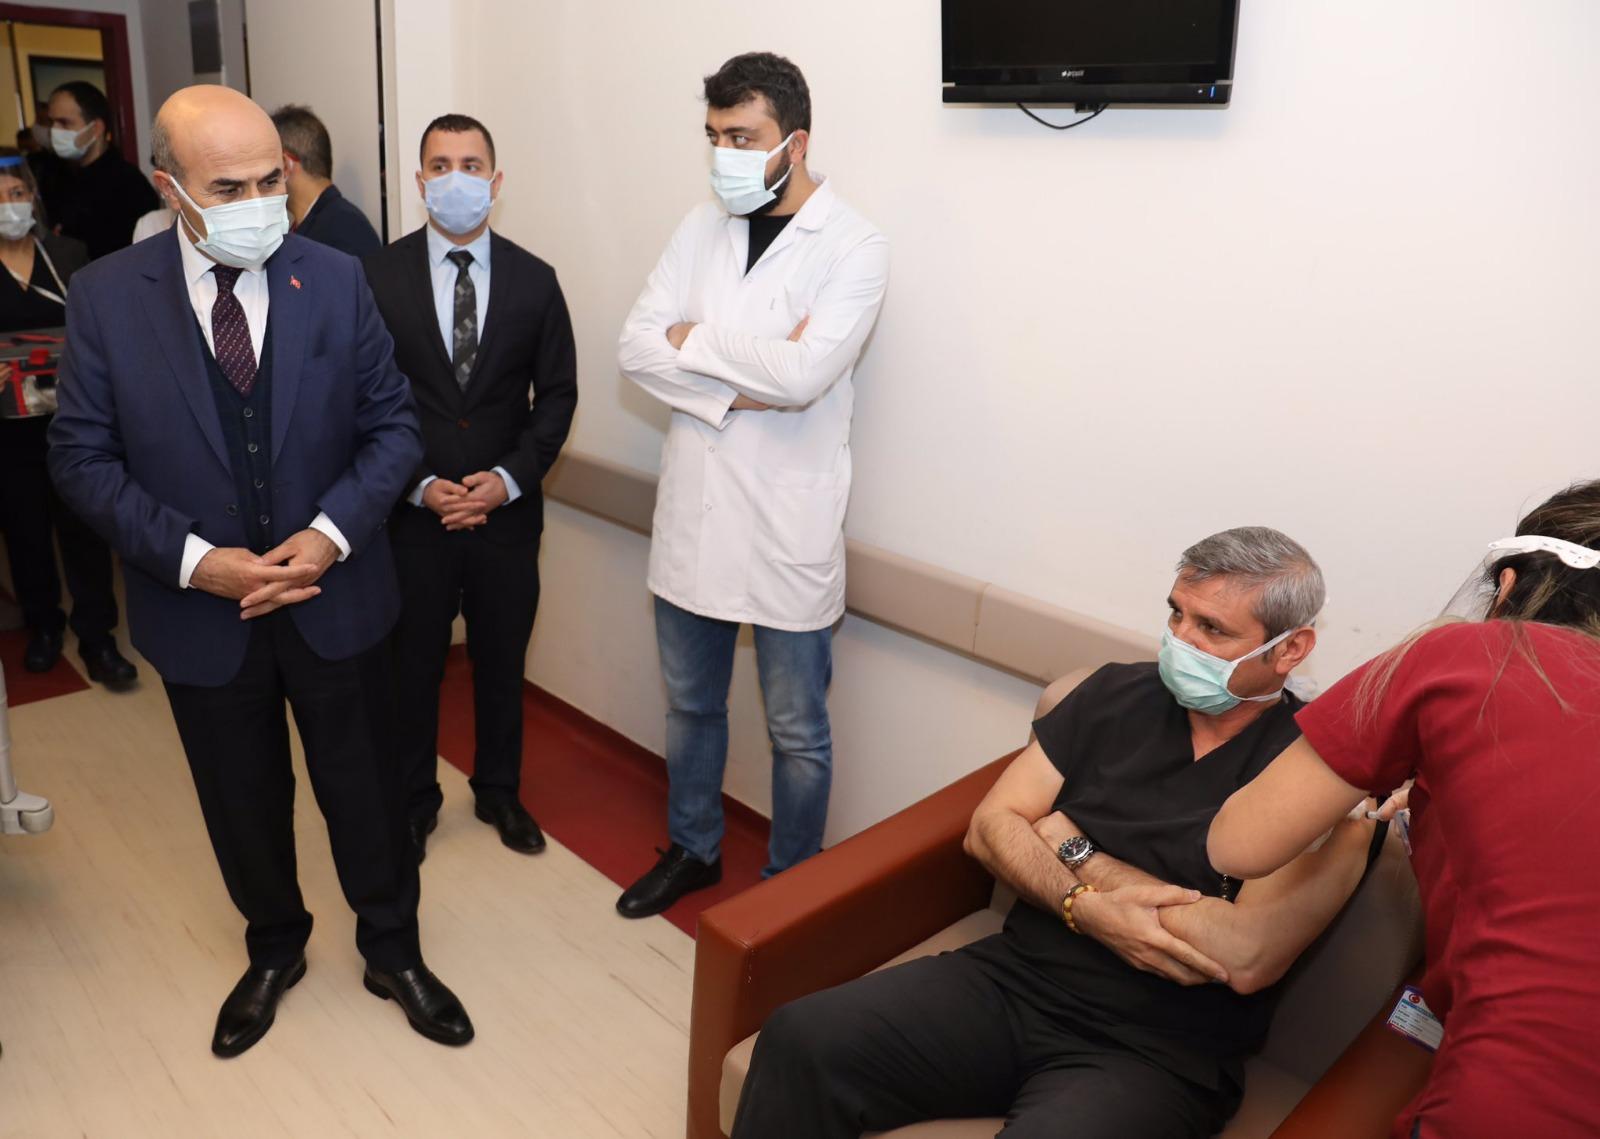 Mardin'de sağlık kahramanlarına korona aşısı yapılmaya başlandı